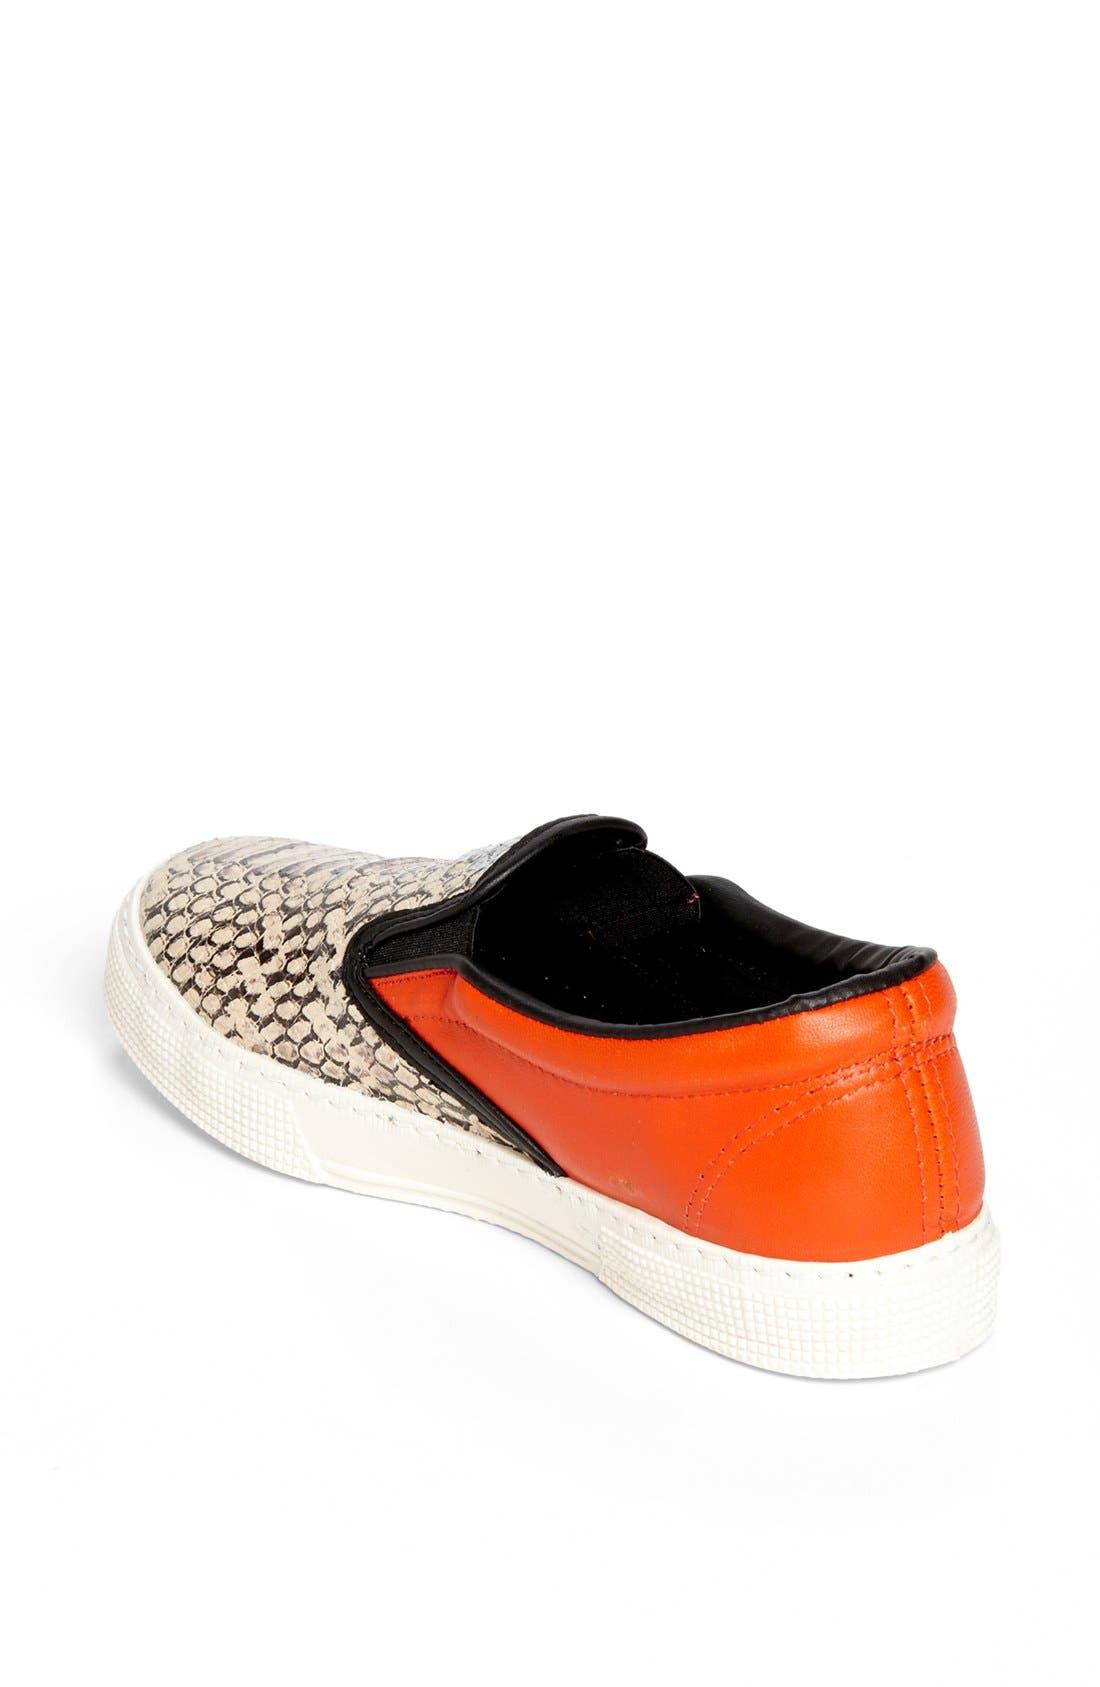 Alternate Image 2  - Kurt Geiger London Slip-On Sneaker